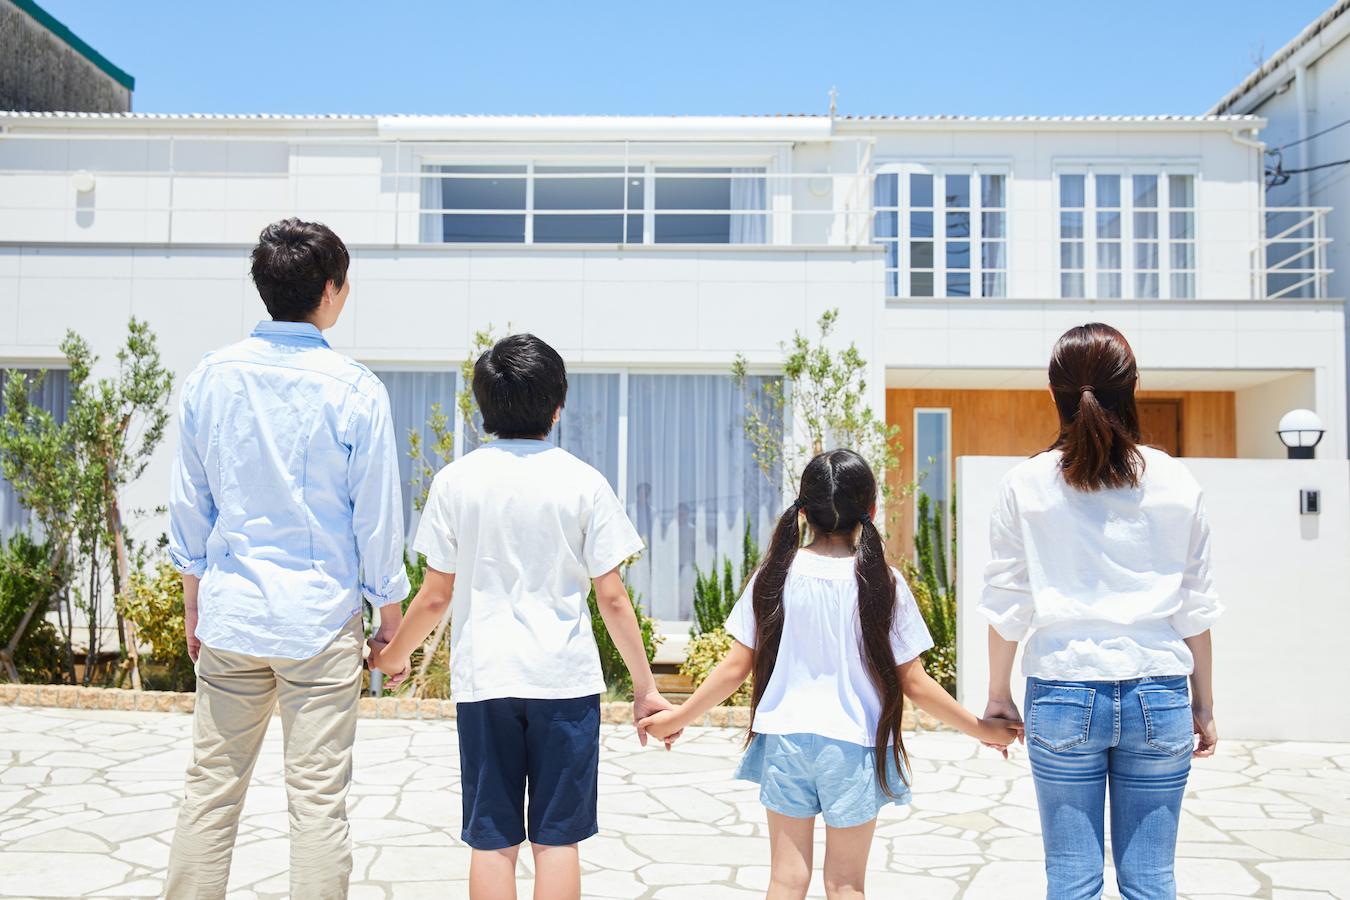 土地購入機会となるマイホーム需要は増加